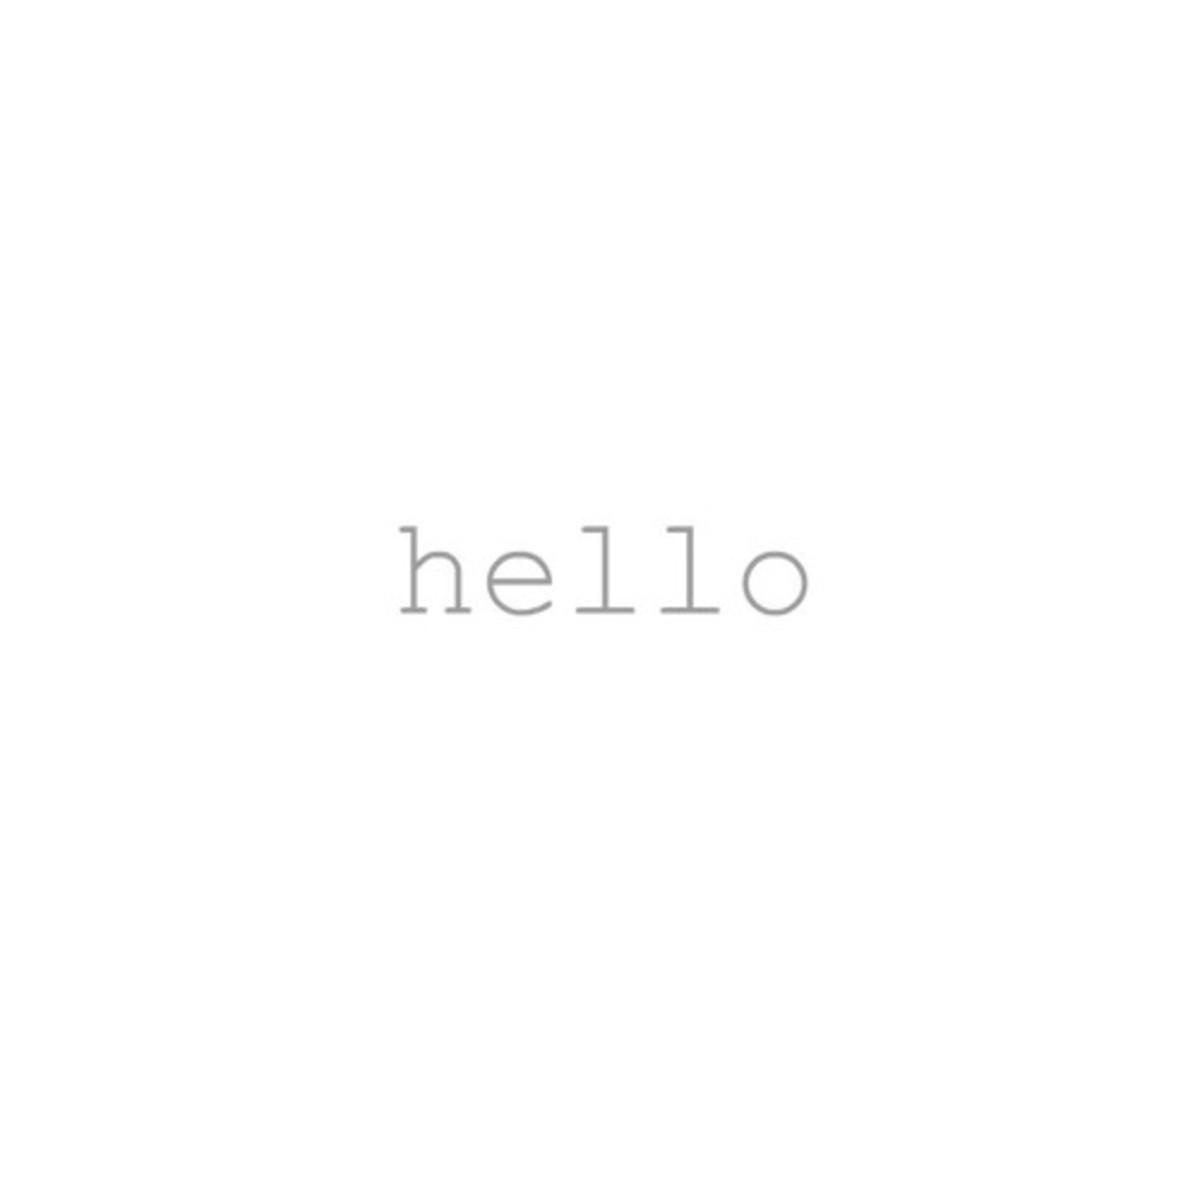 jay-idk-hello-freestyle.jpg